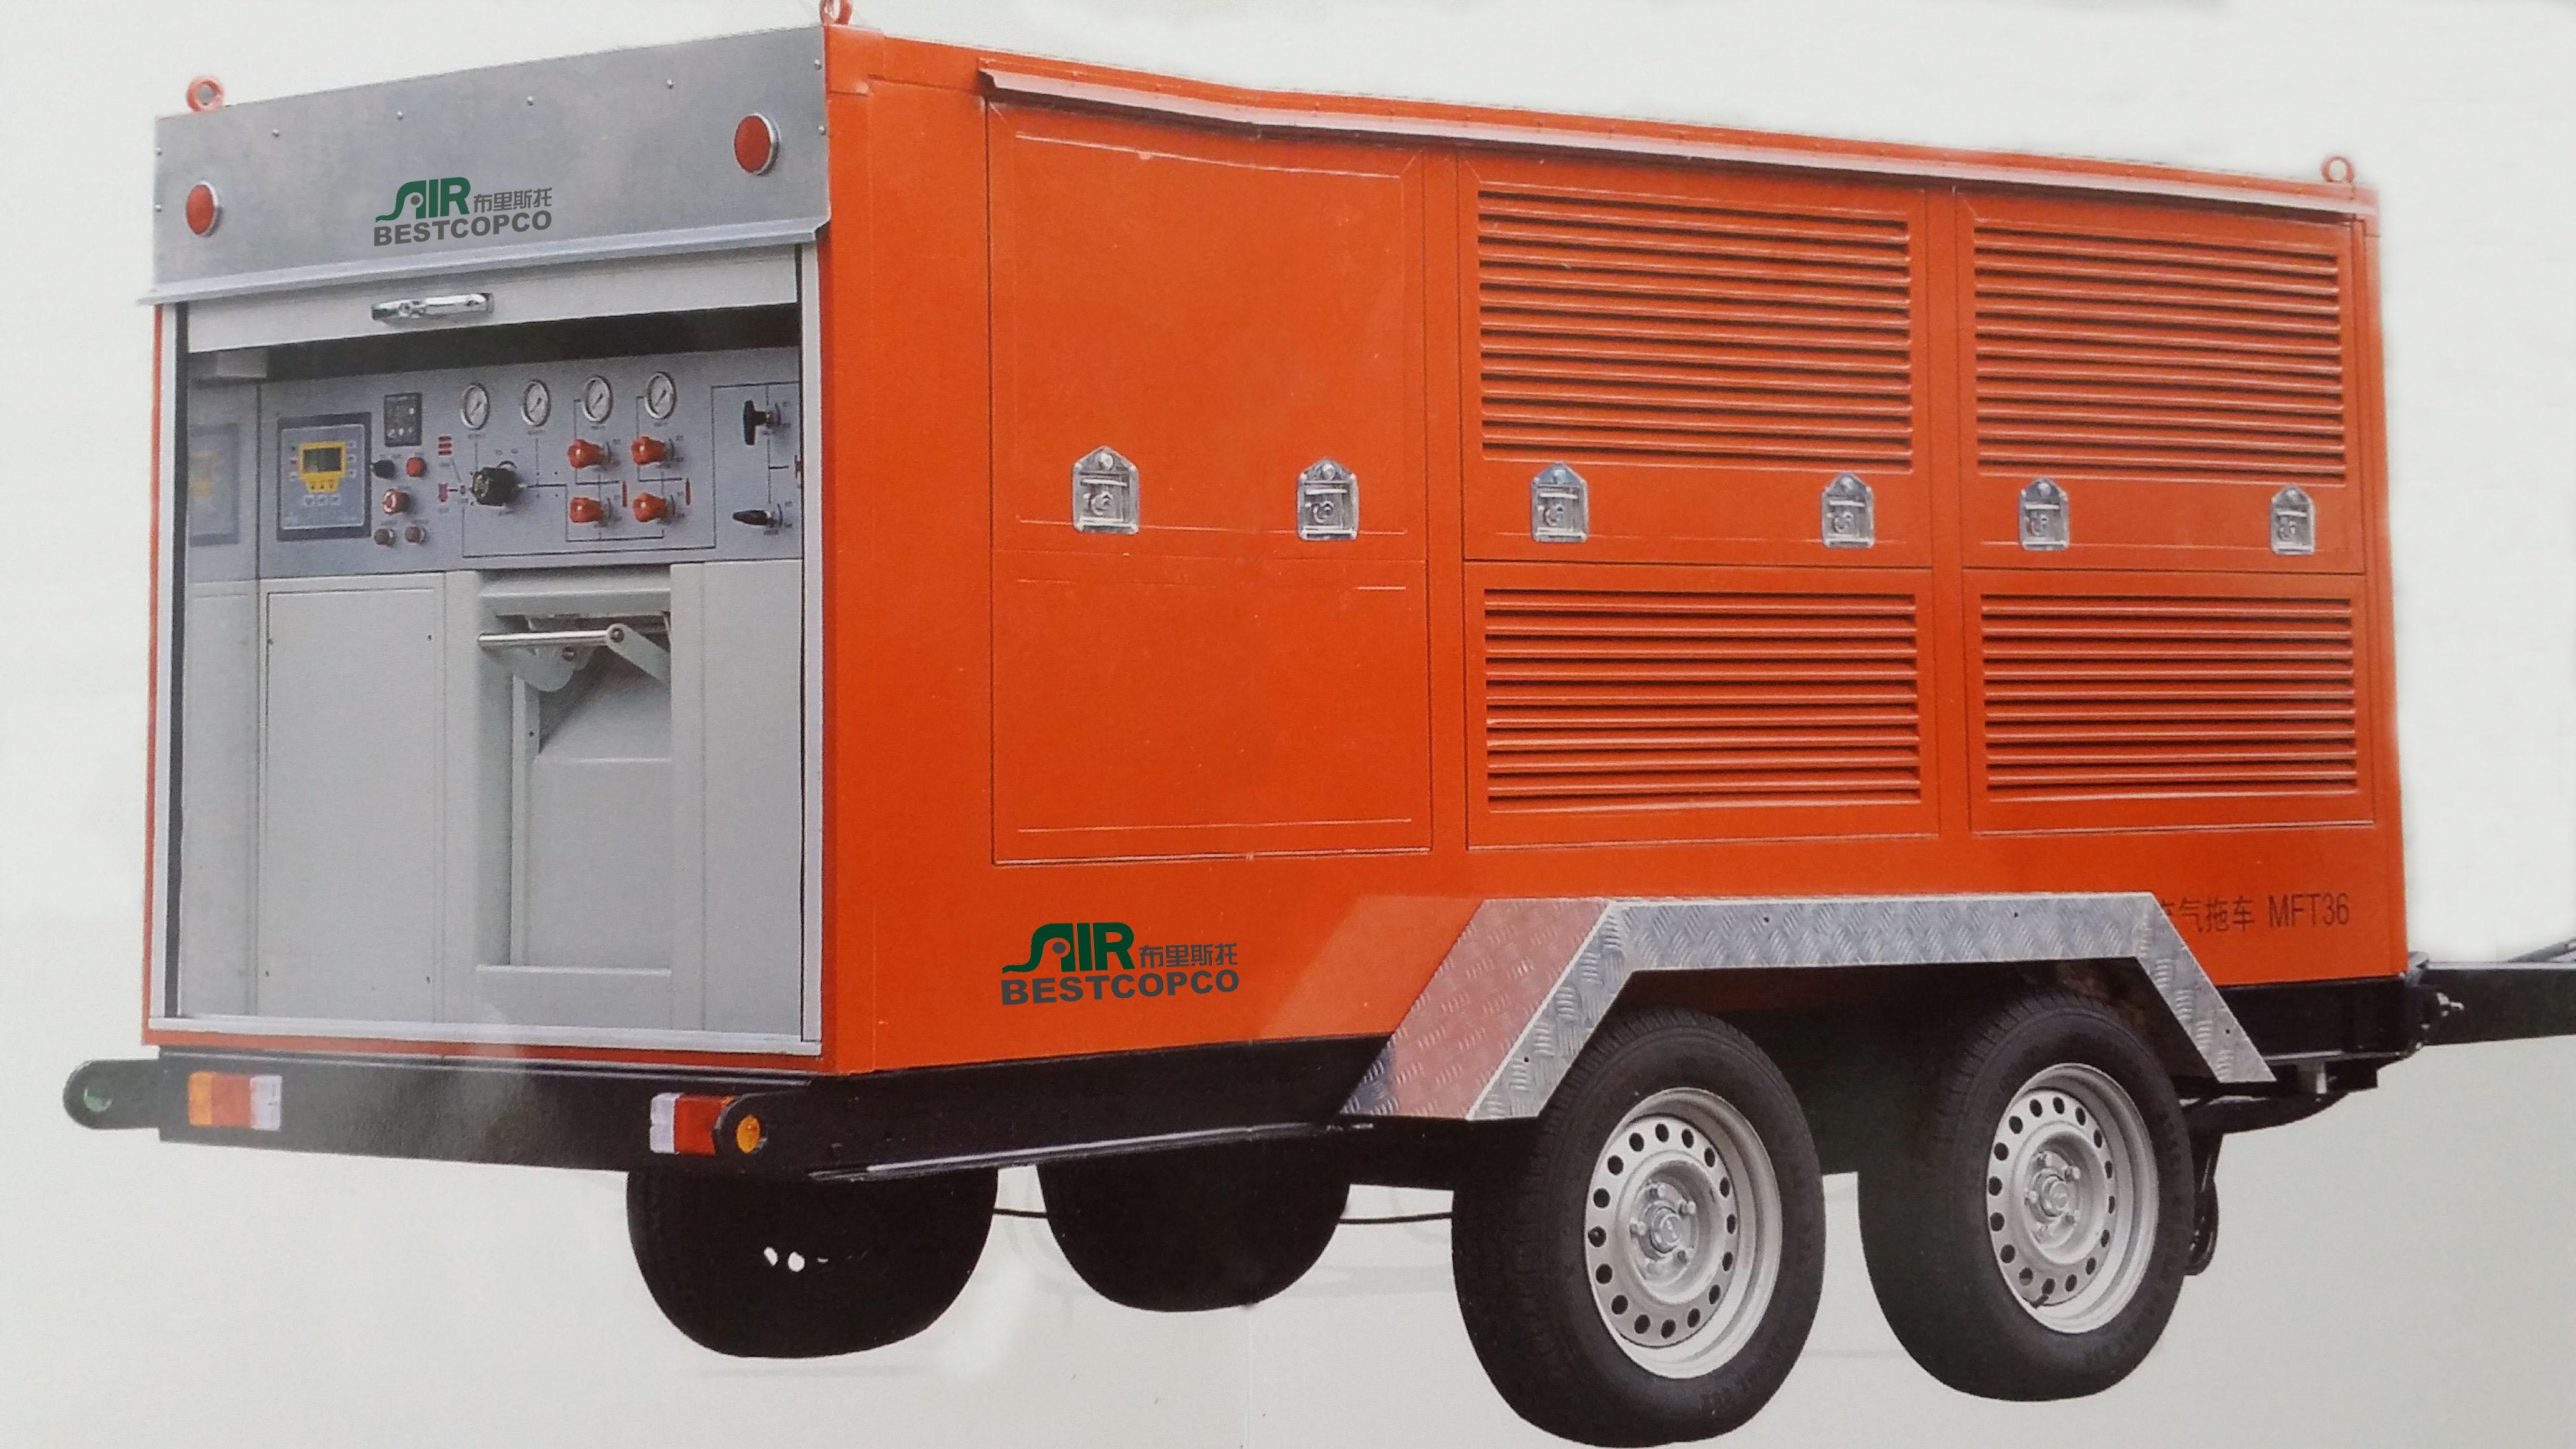 火场专用充气消防车 持续供气 MTF系列质量保证 全国售后免忧